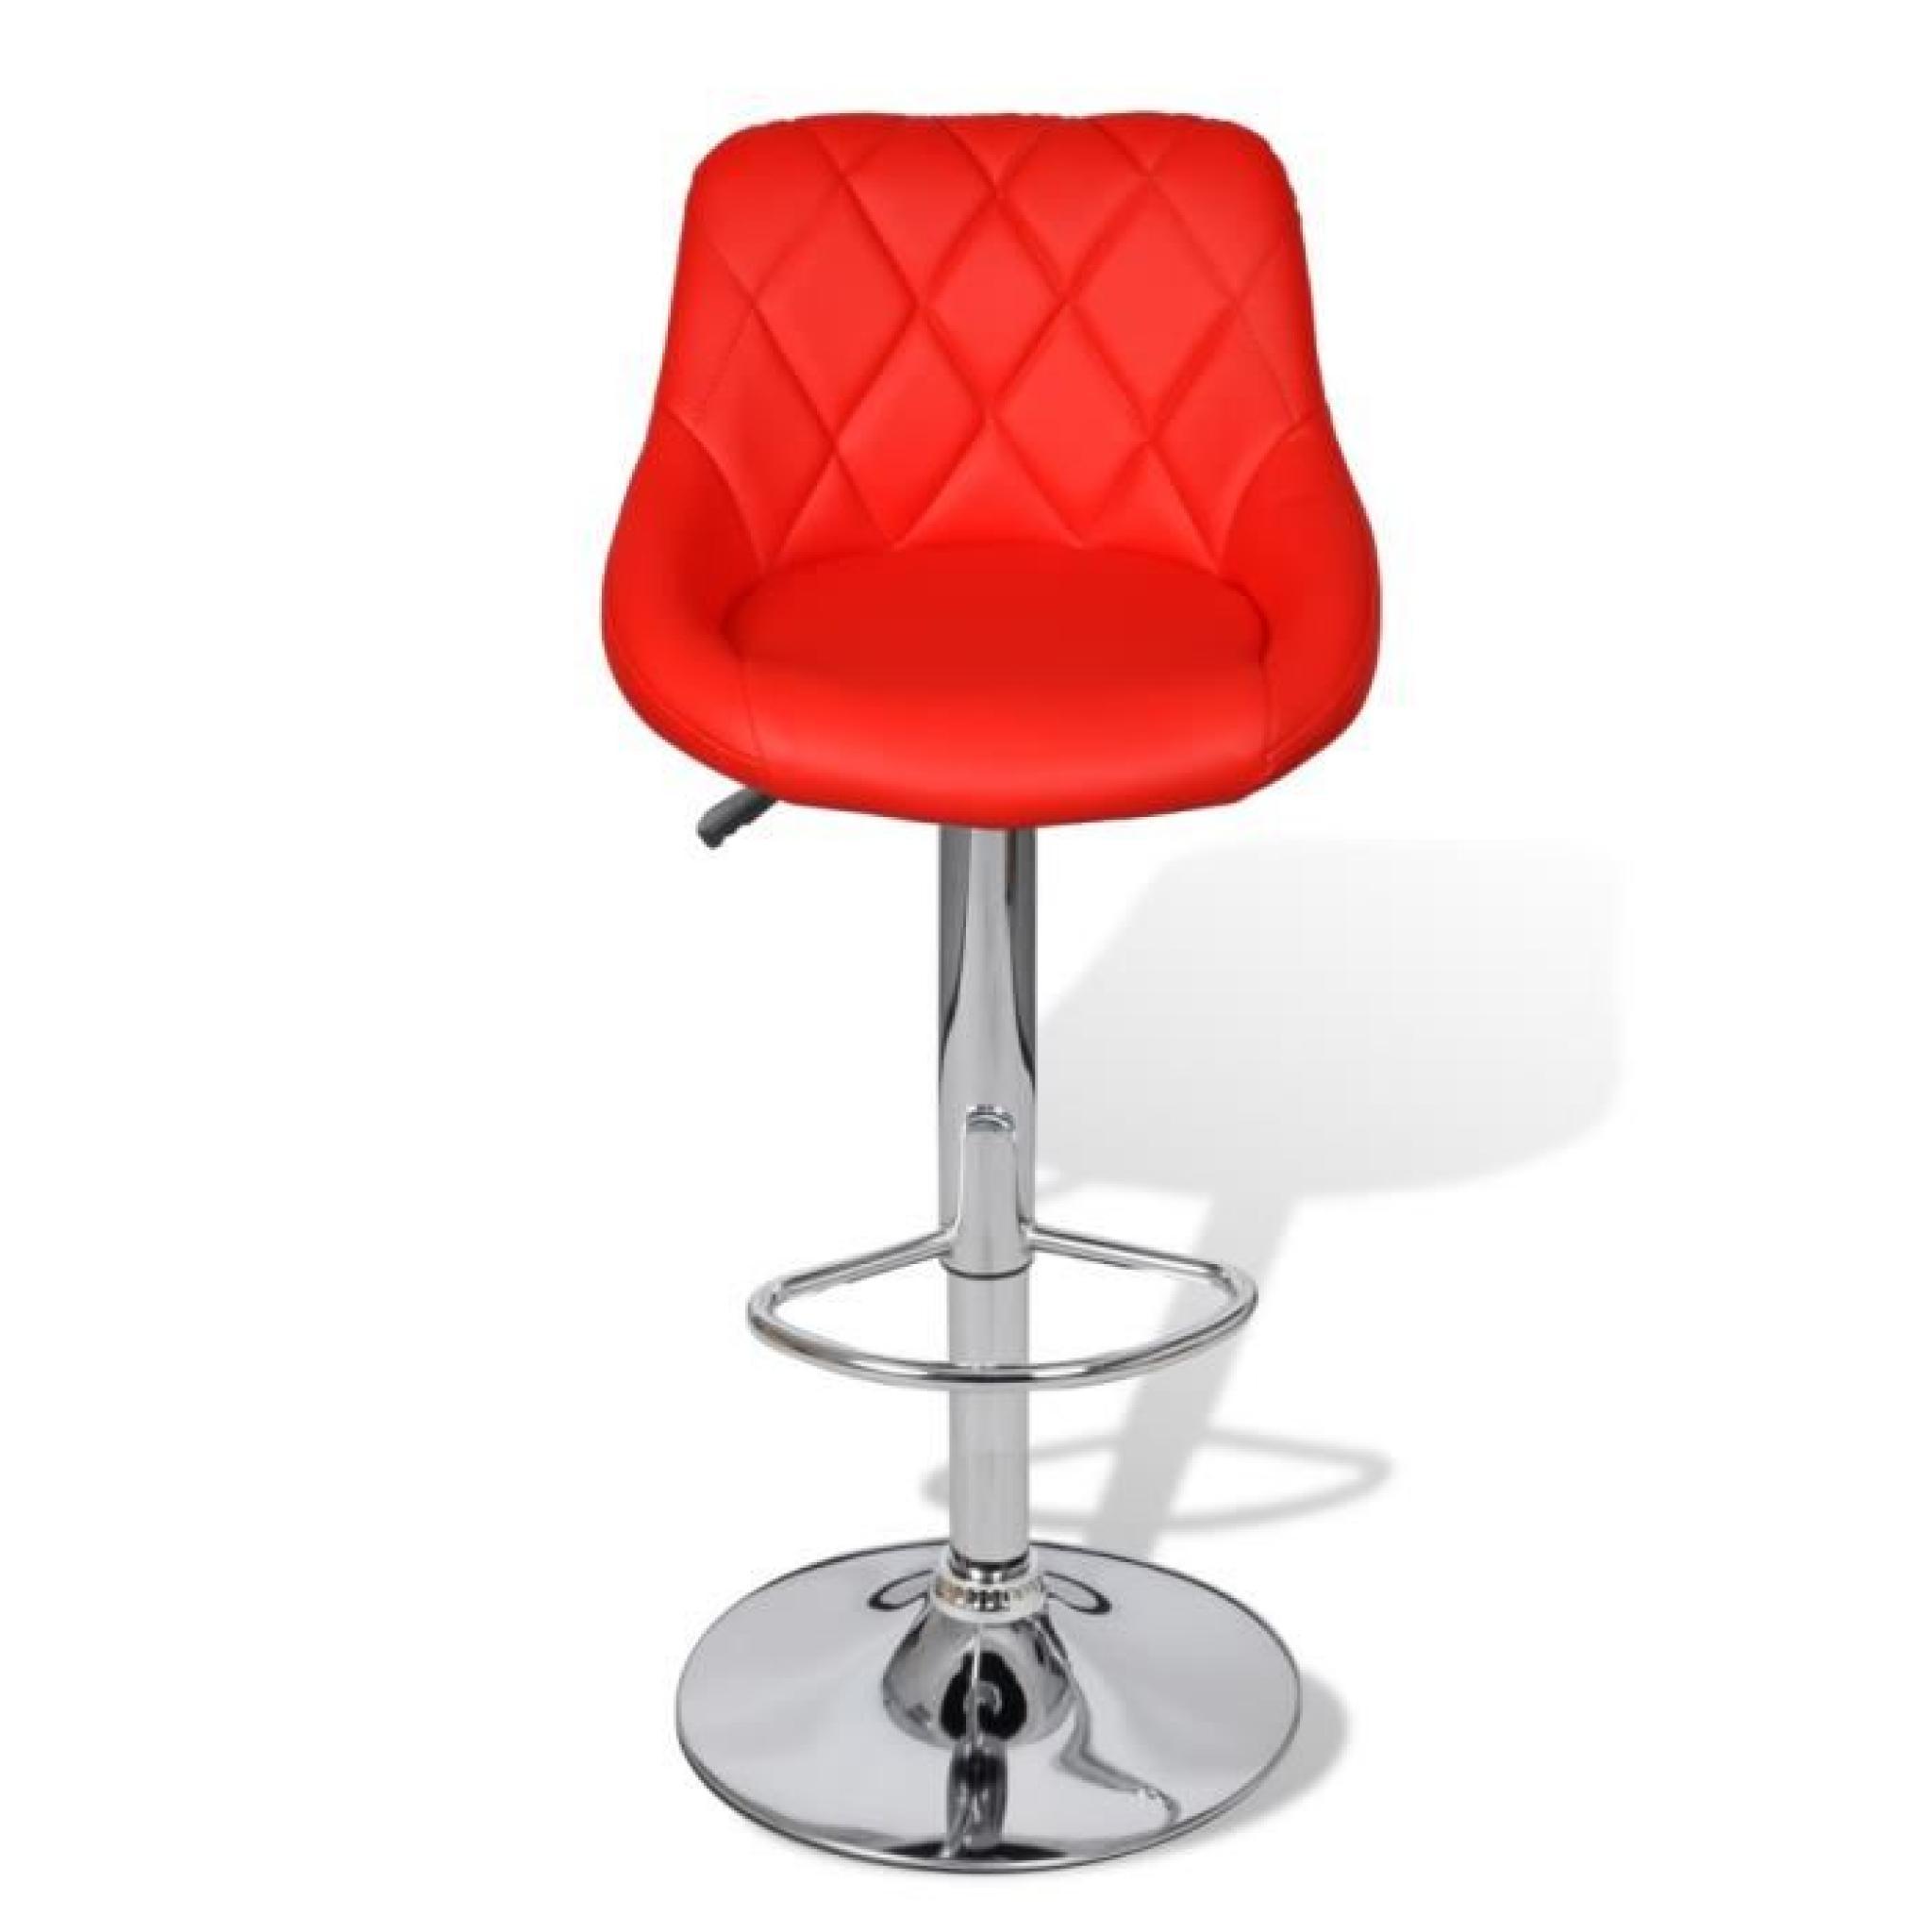 lot de 2 tabourets de bar rouges design moderne achat. Black Bedroom Furniture Sets. Home Design Ideas